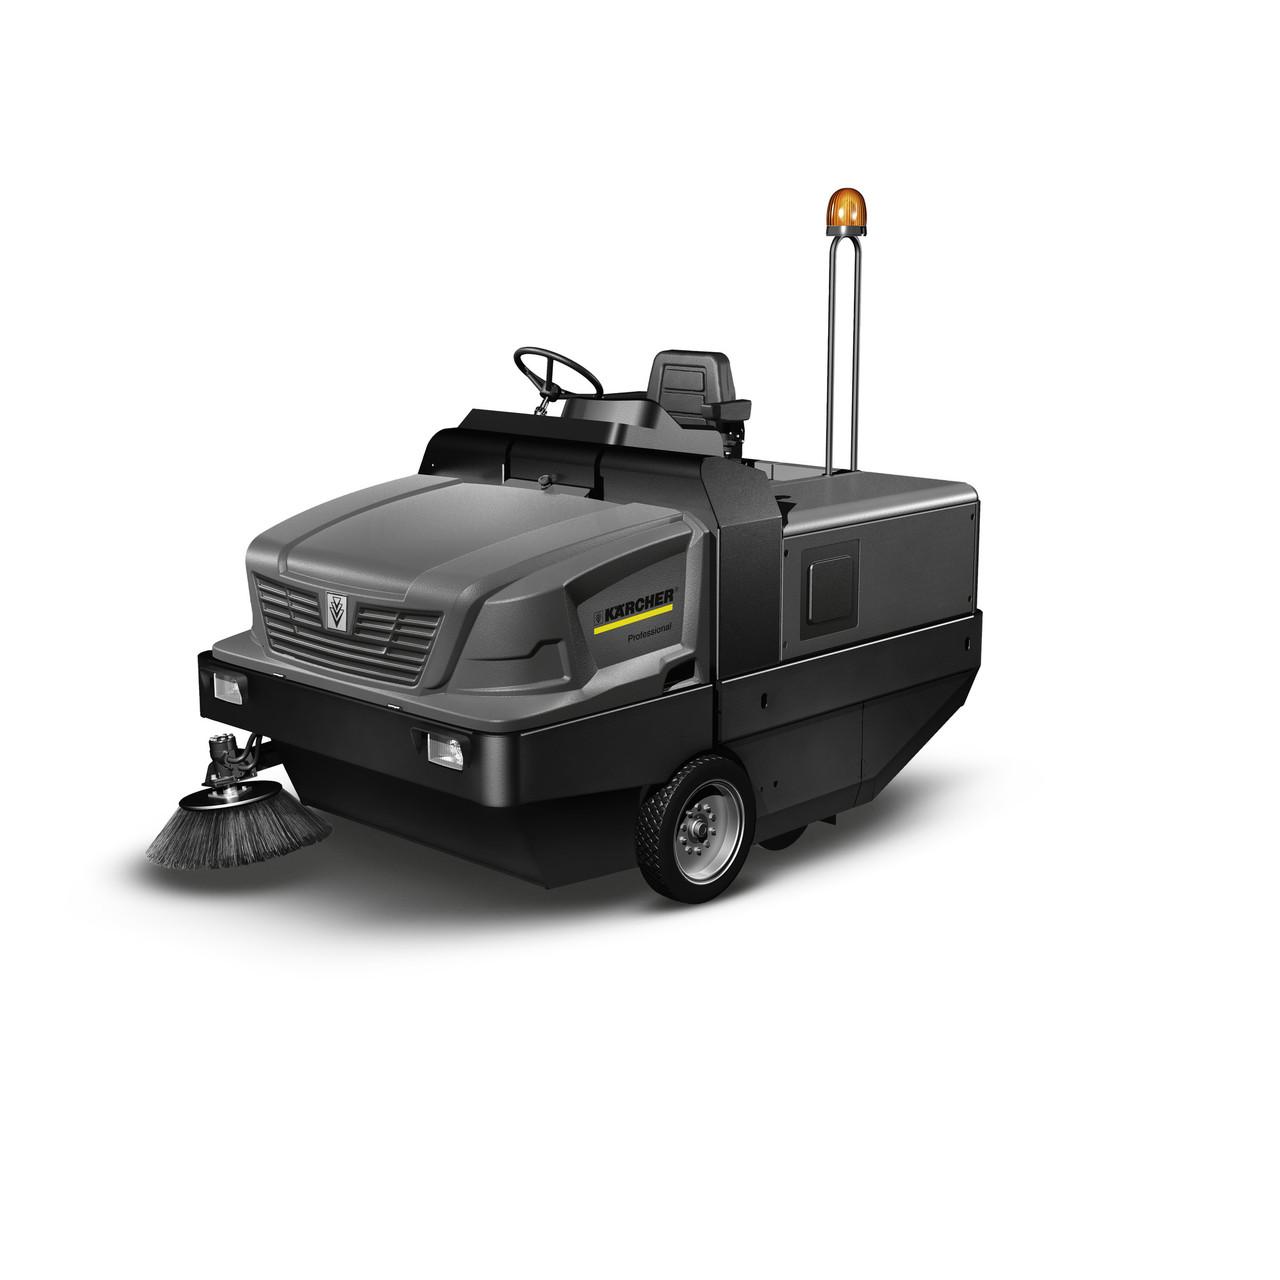 Подметально-всасывающая машина Karcher KM 170/600 R LPG